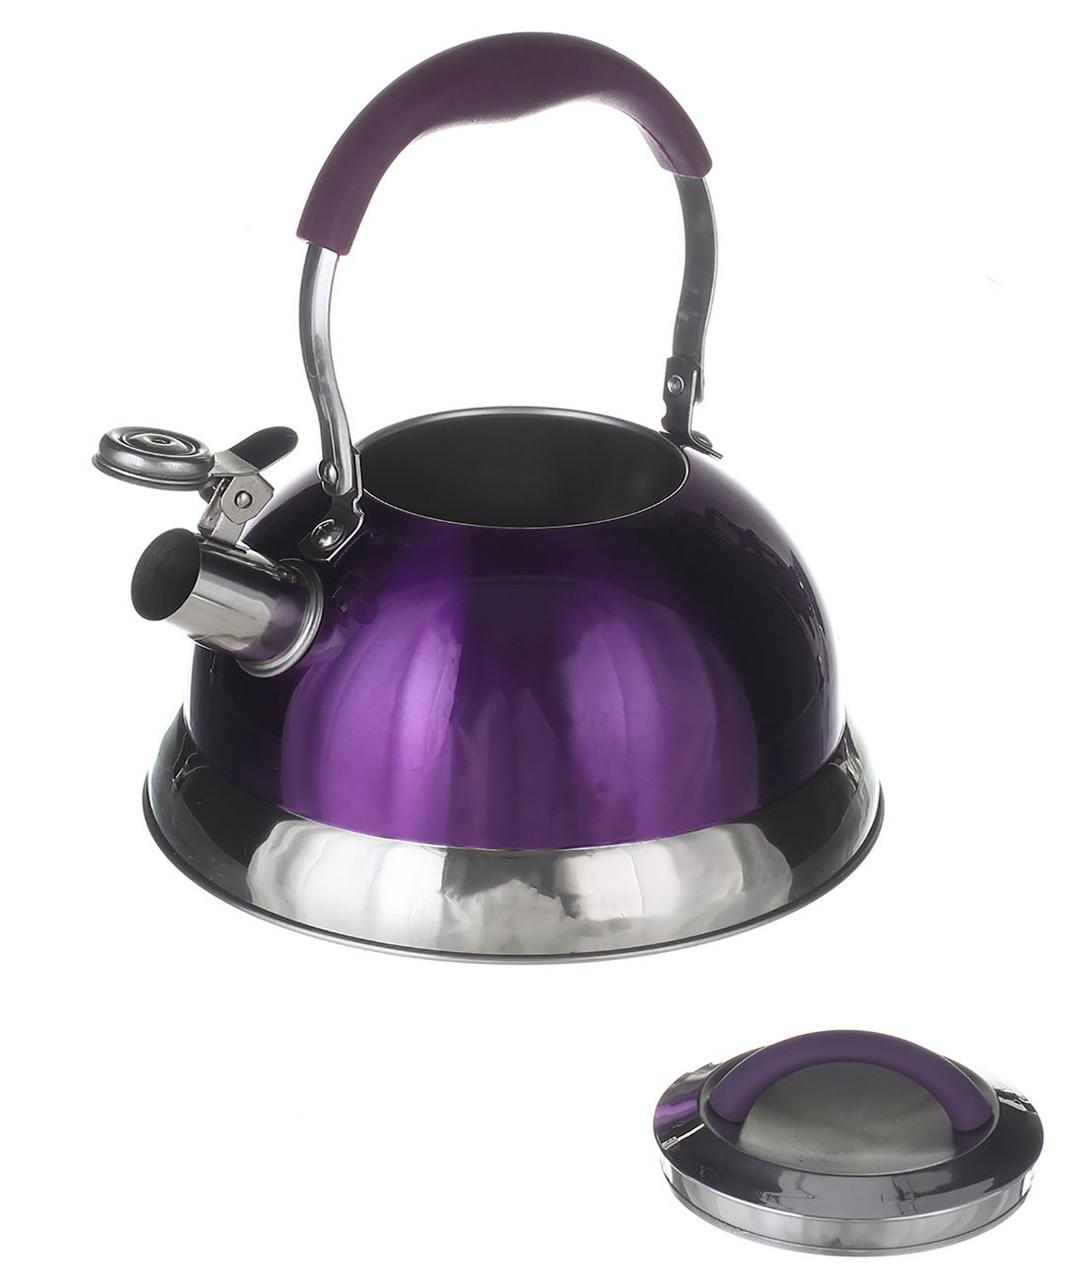 Чайник A-PLUS со свистком 3.2 л (1383) Фиолетовый